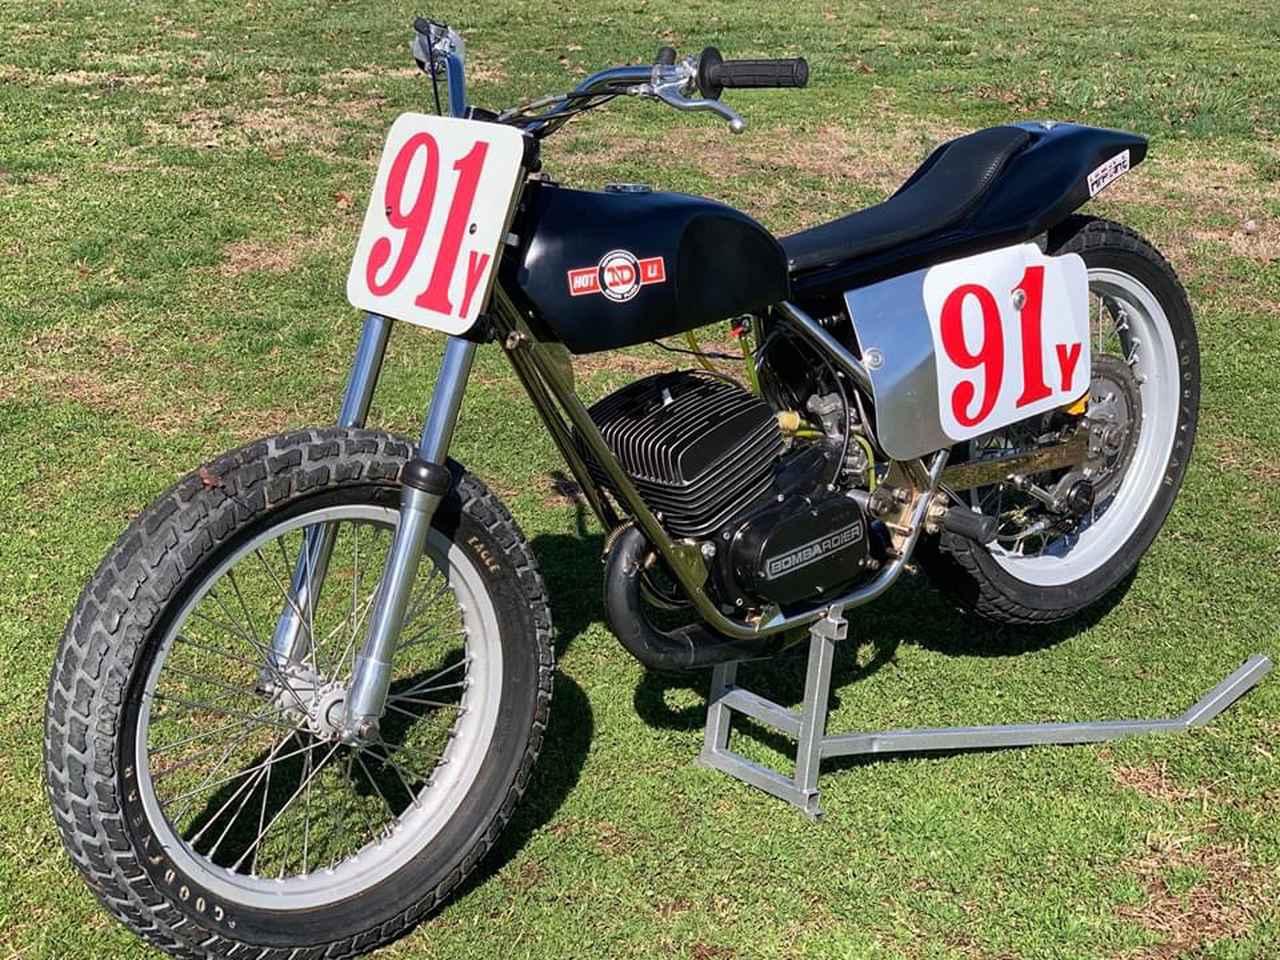 画像: あのクリス・カーがアマチュア・ジュニアクラス時代に駆った実車。CAN-AM製250cc搭載のBOSS。